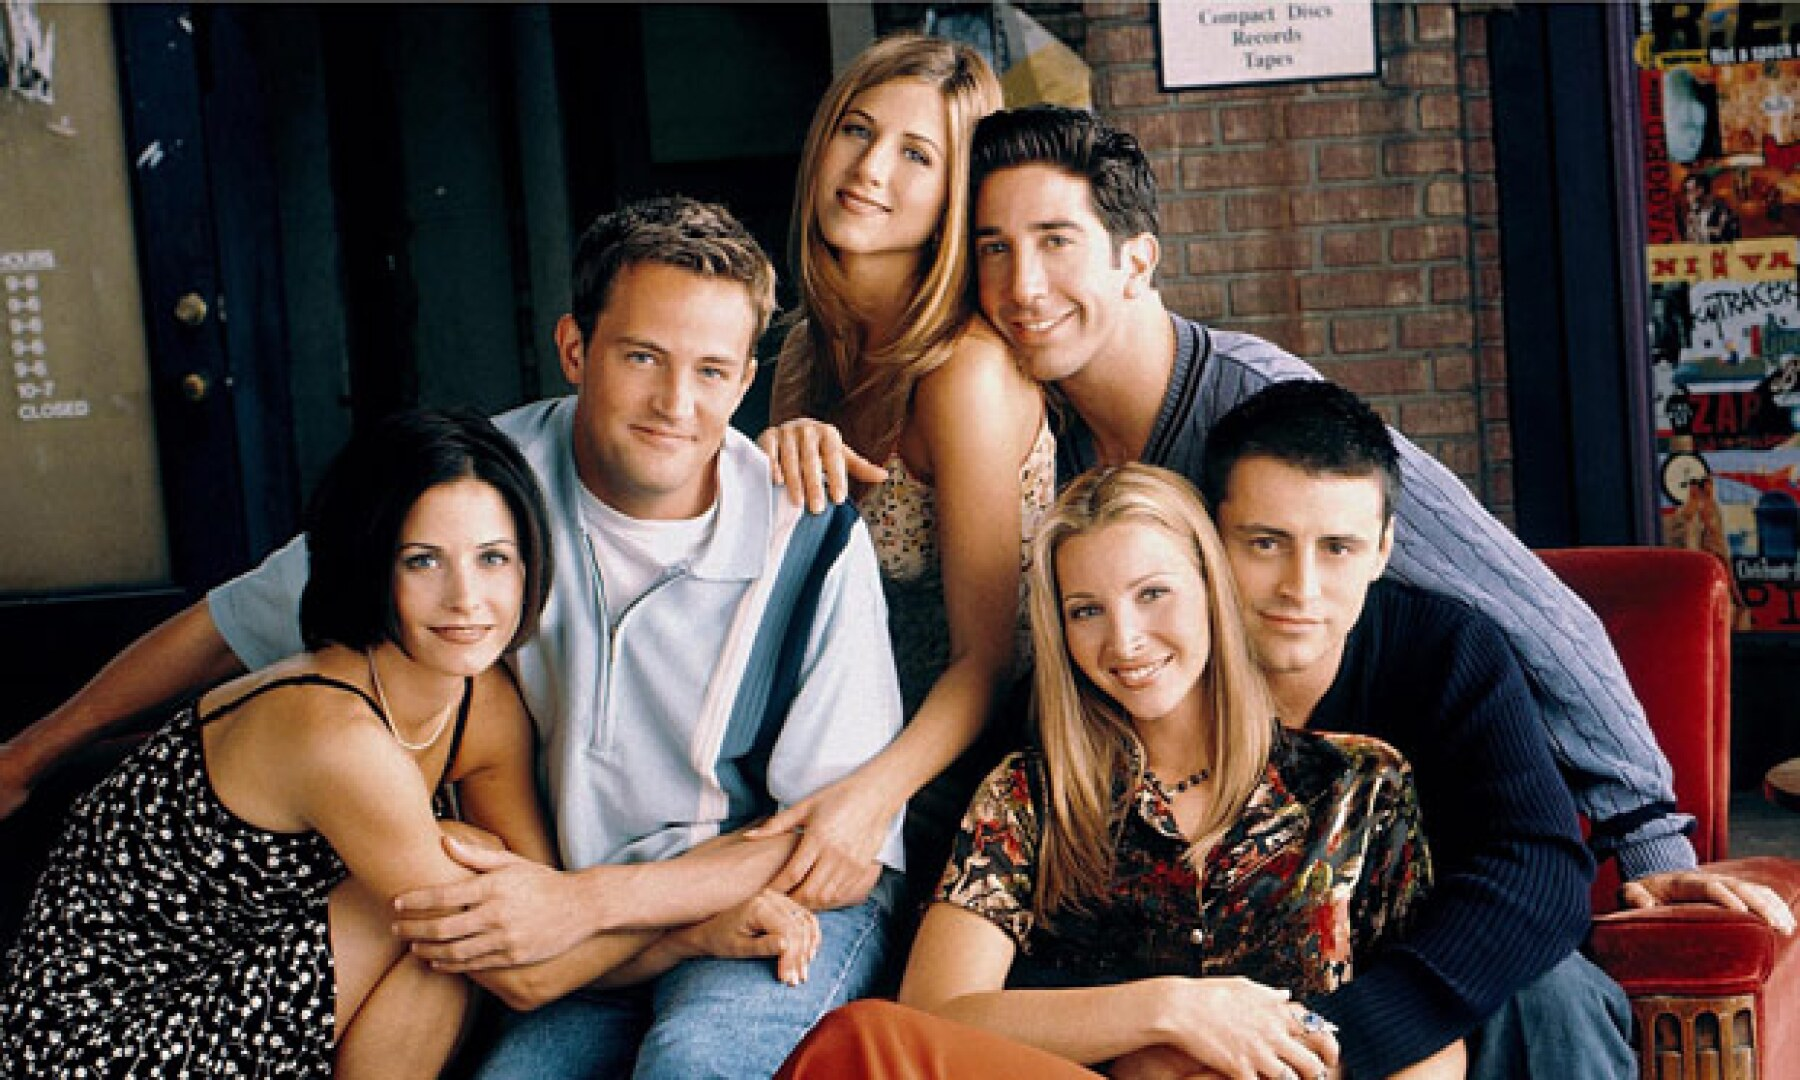 Aunque estuvieron juntos durante 10 temporadas, Jennifer Aniston no invitó a Ross, Chandler y Joey a su boda con Justin Theroux.